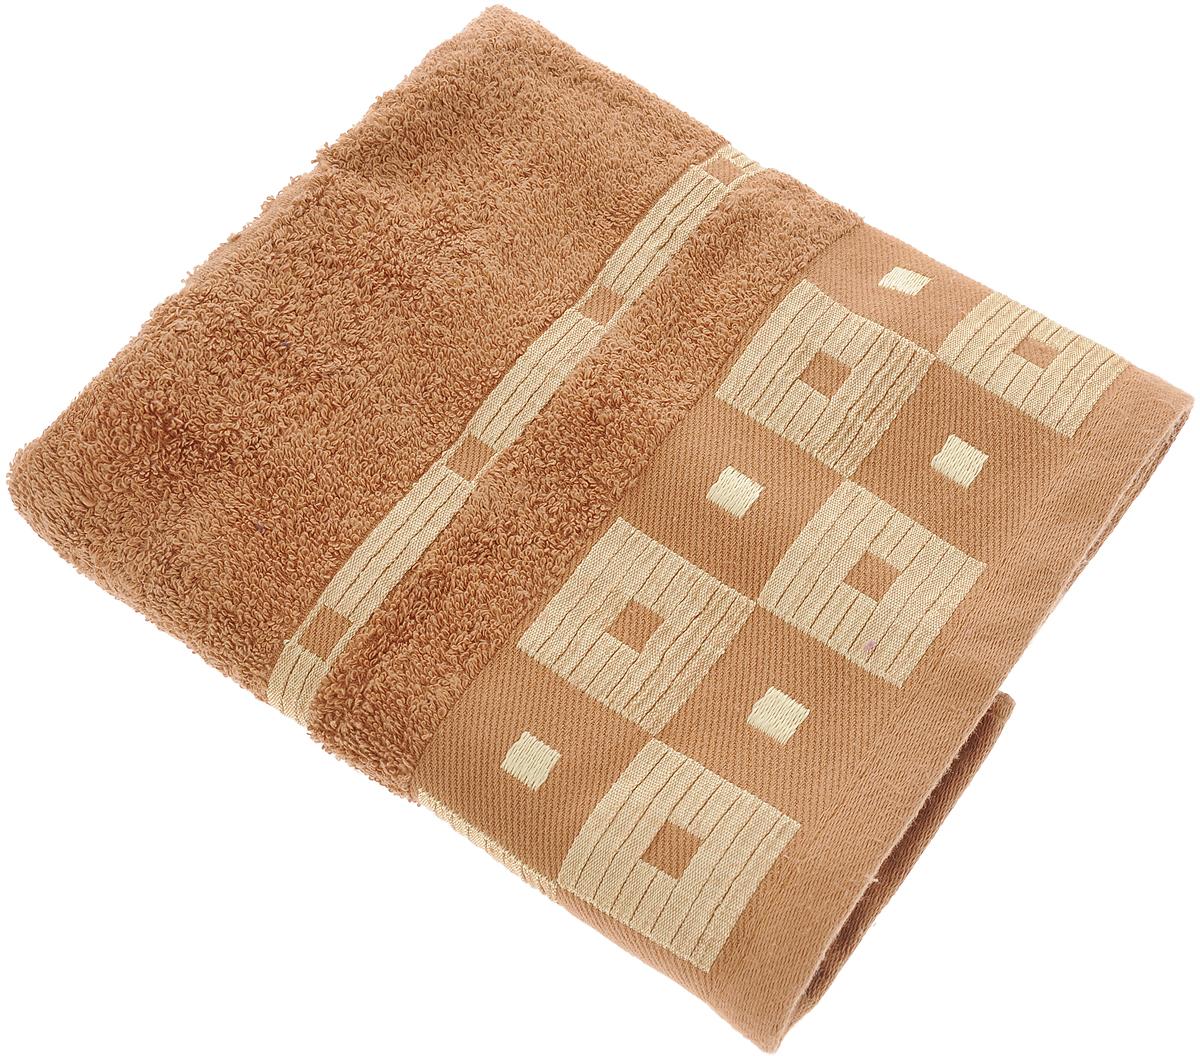 Полотенце Aisha Home Textile, цвет: коричневый, 50 х 90 см12723Махровые полотенца AISHA Home Textile идеальное сочетание цены и качества. Полотенца упакованы в стильную подарочную коробку. В состав входит только натуральное волокно - хлопок. Лаконичные бордюры подойдут для любого интерьера ванной комнаты. Полотенца прекрасно впитывает влагу и быстро сохнут. При соблюдении рекомендаций по уходу не линяют и не теряют форму даже после многократных стирок.Состав: 100% хлопок.